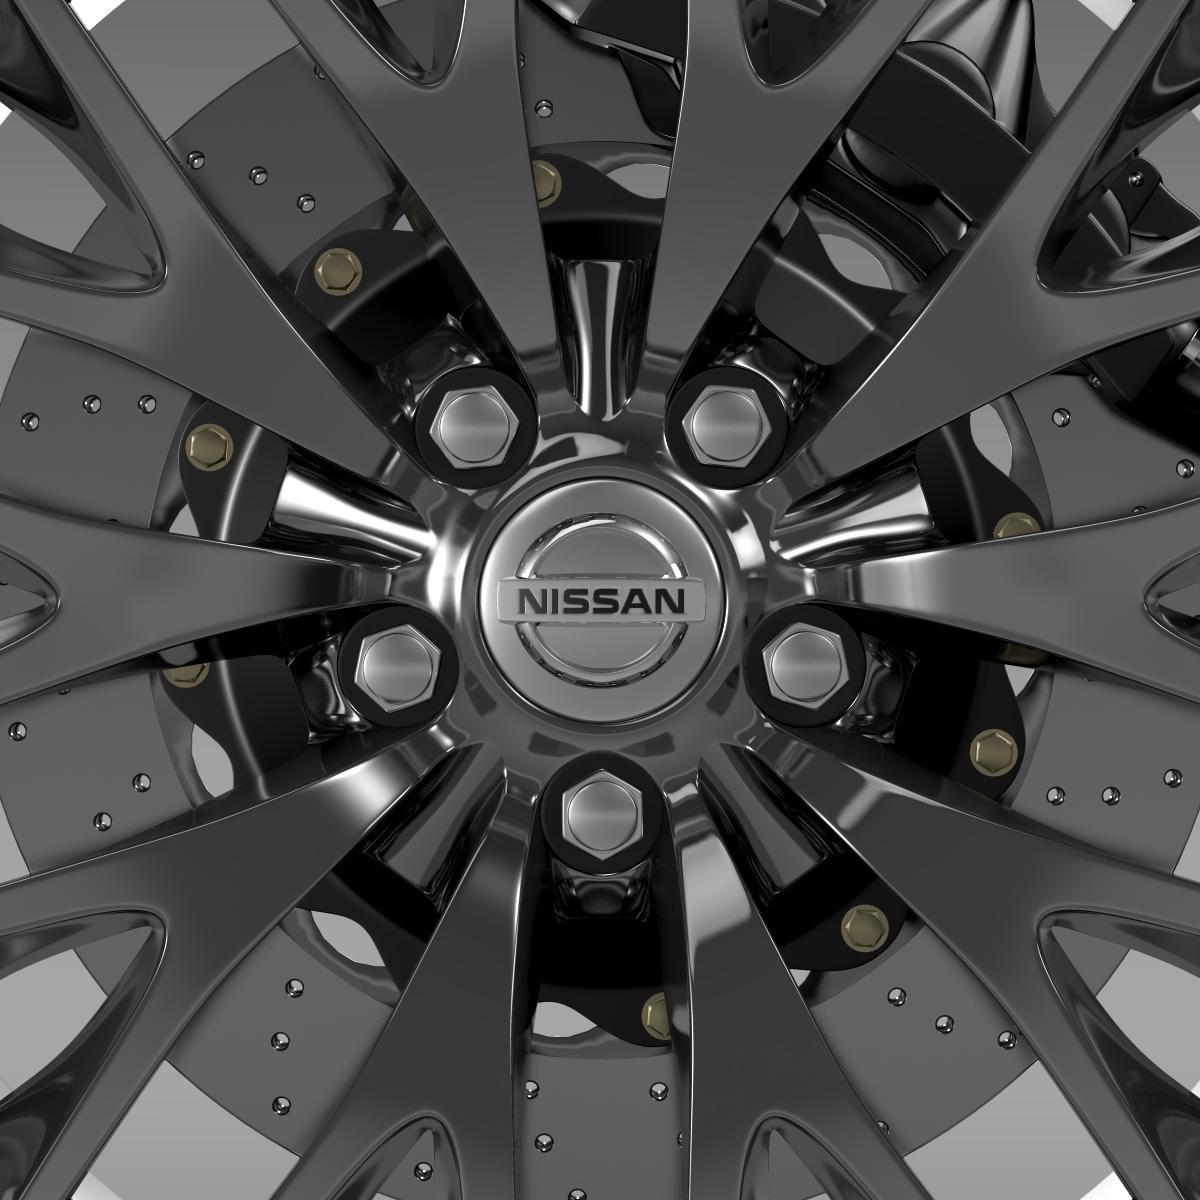 nissan cima hybrid wheel 3d model 3ds max fbx c4d lwo ma mb hrc xsi obj 210817